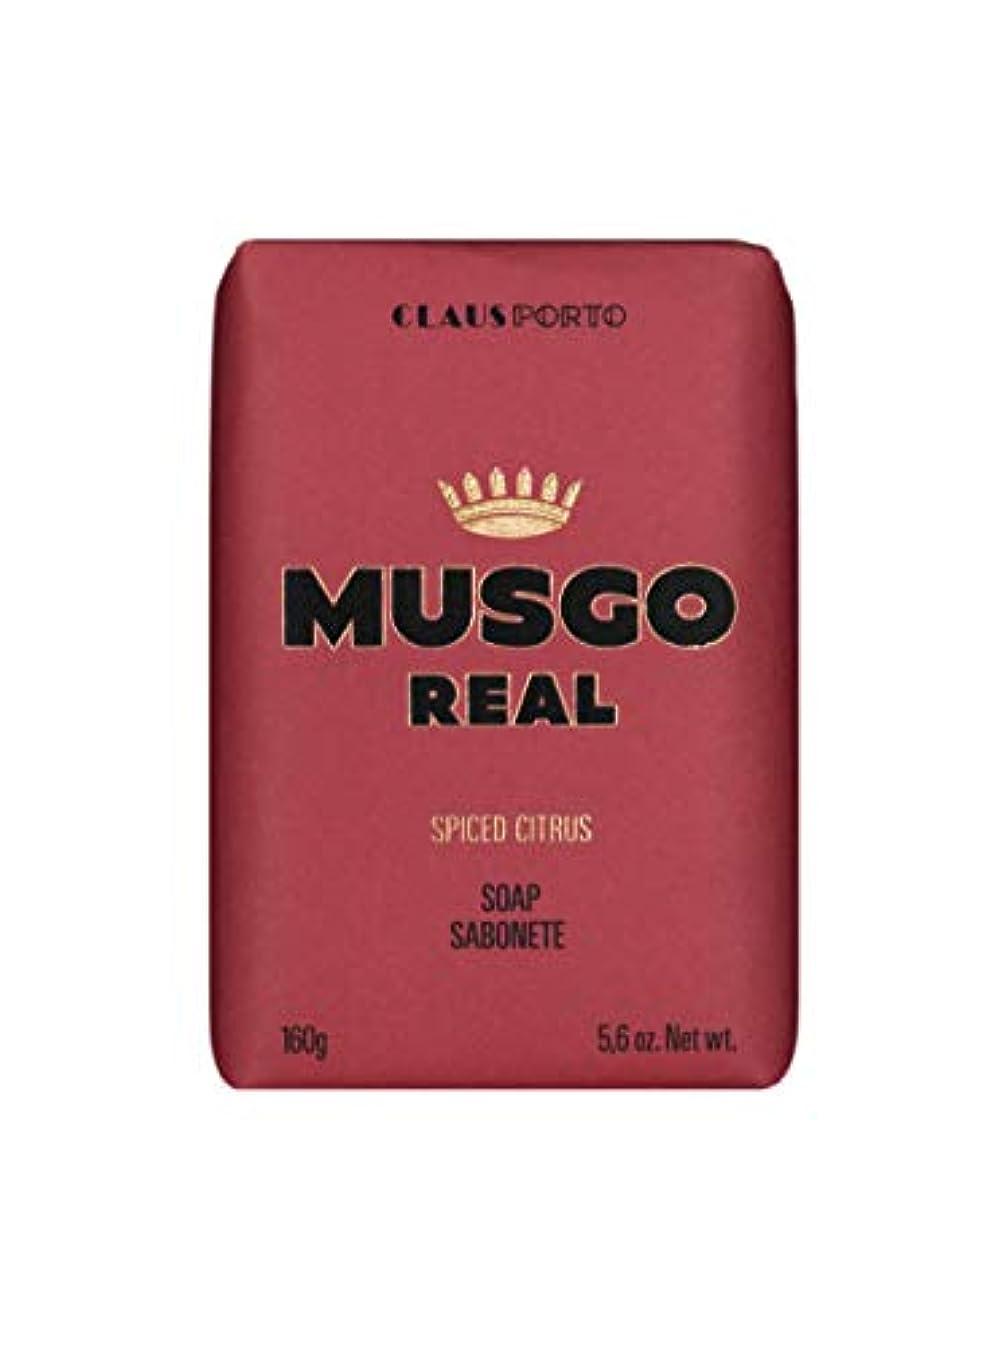 信頼できるアスレチックジョガーMusgo Real Spiced Citrus Soap